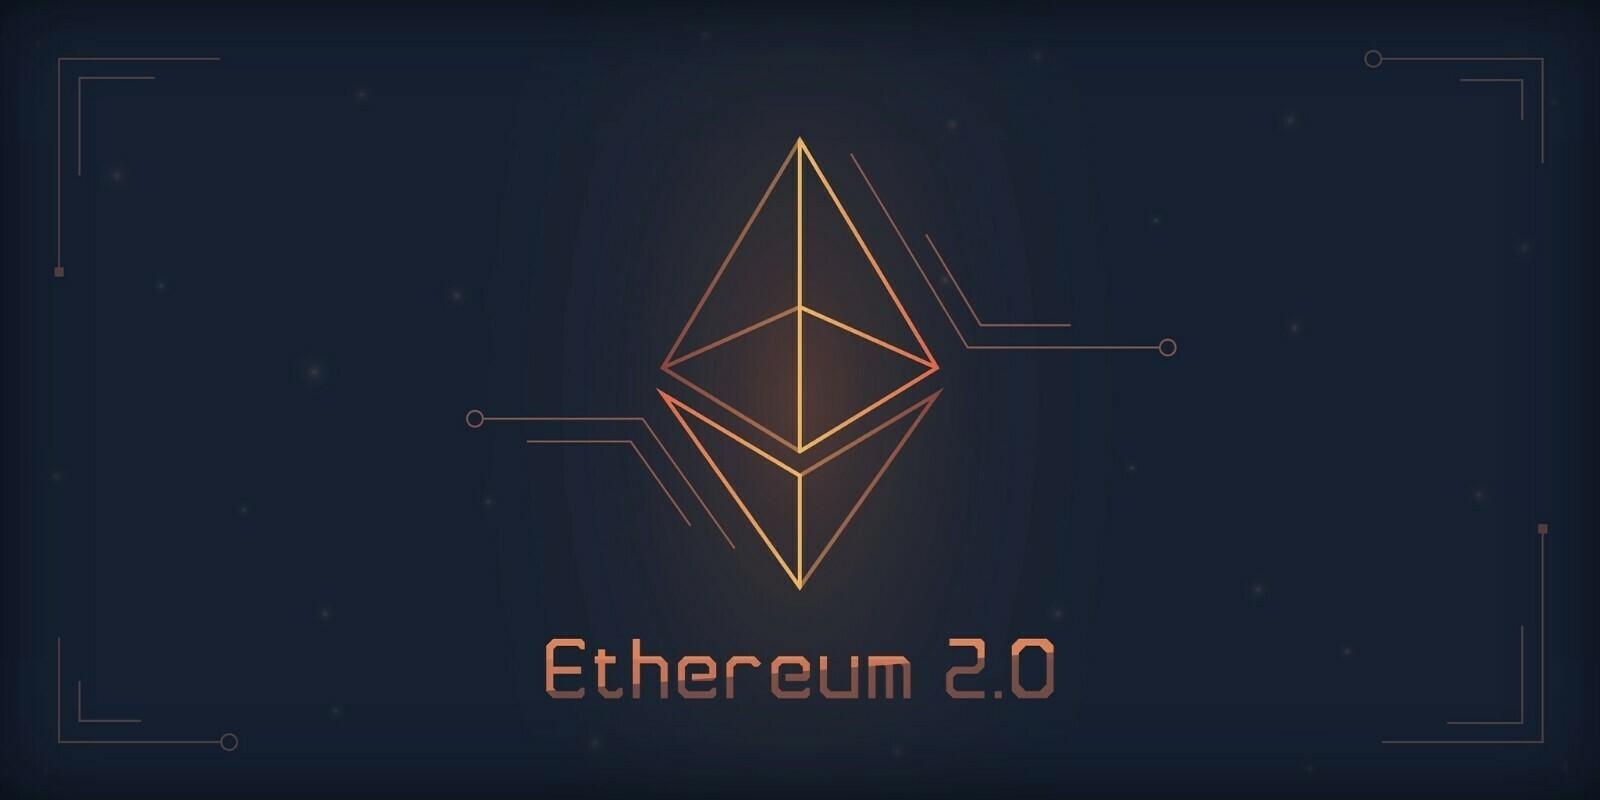 Plus de 5 milliards de dollars maintenant en staking sur Ethereum 2.0